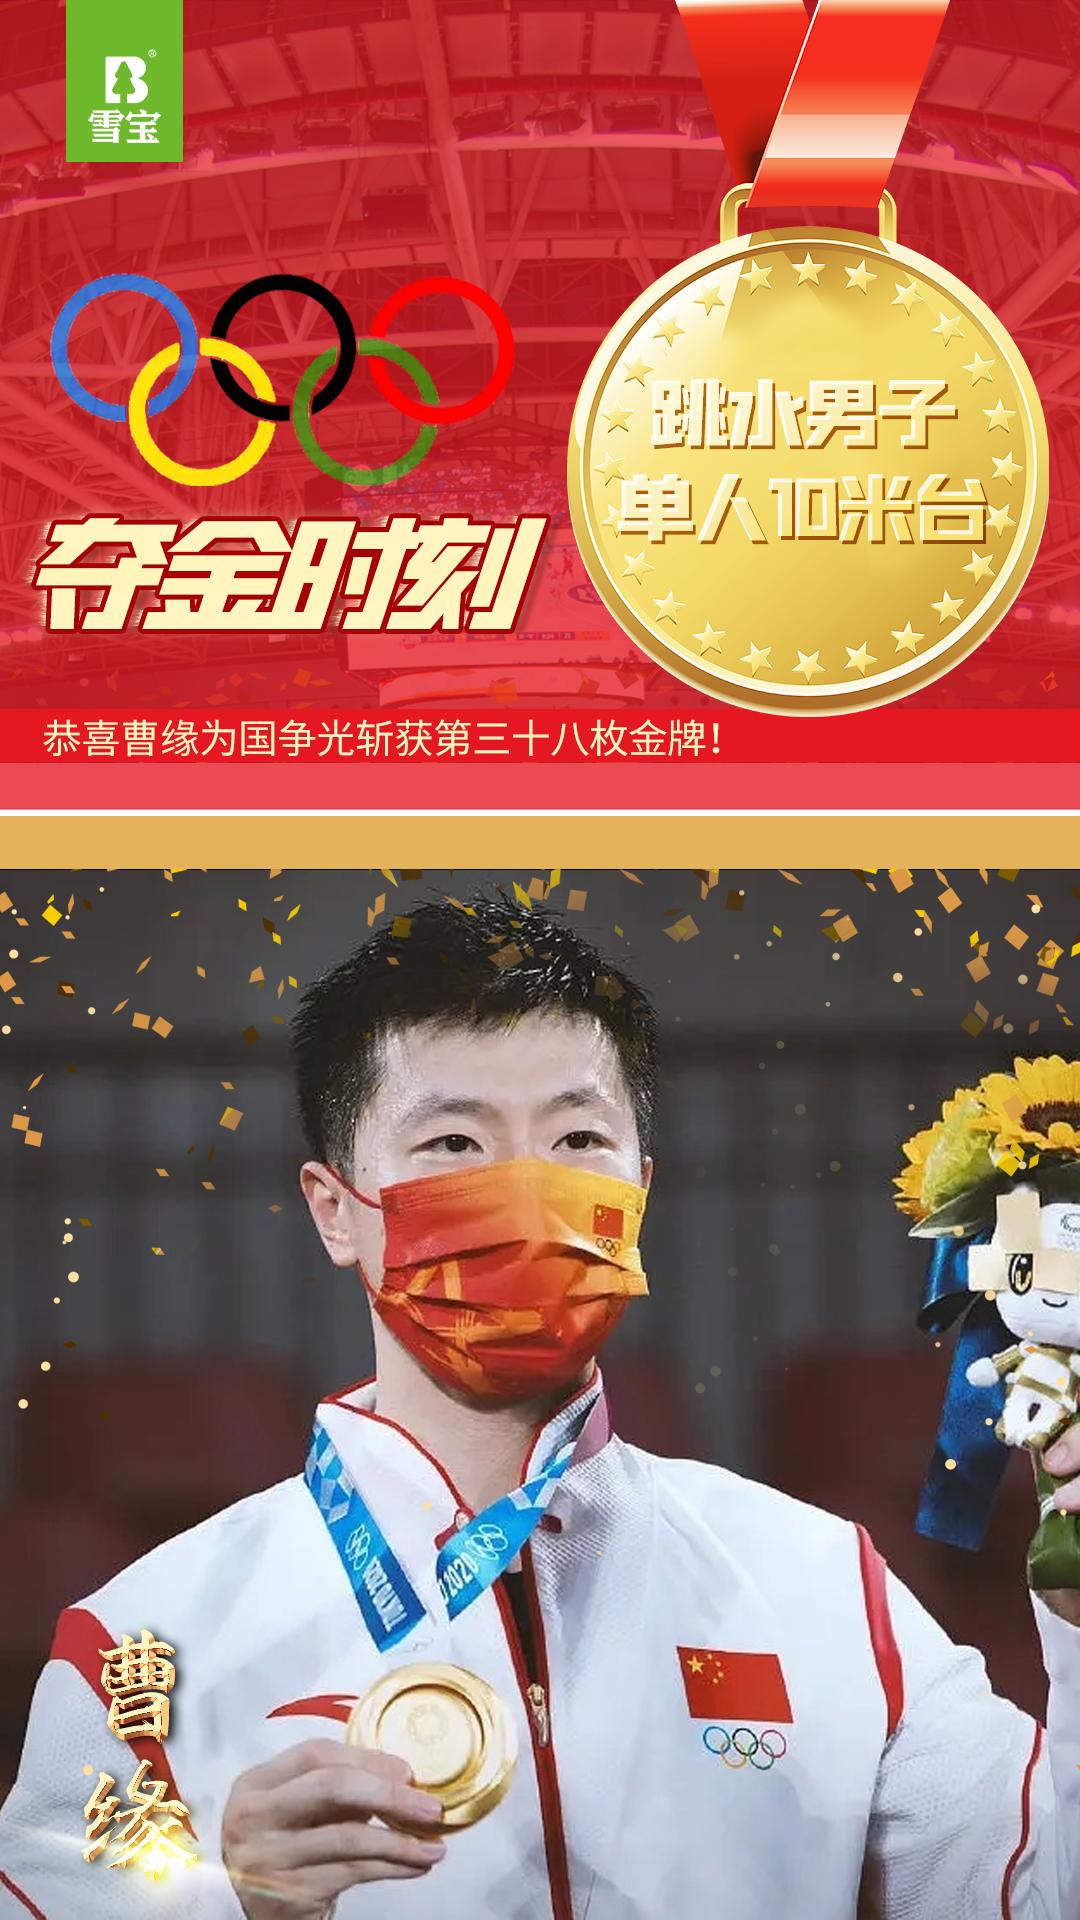 曹缘男子10米跳台跳水金牌